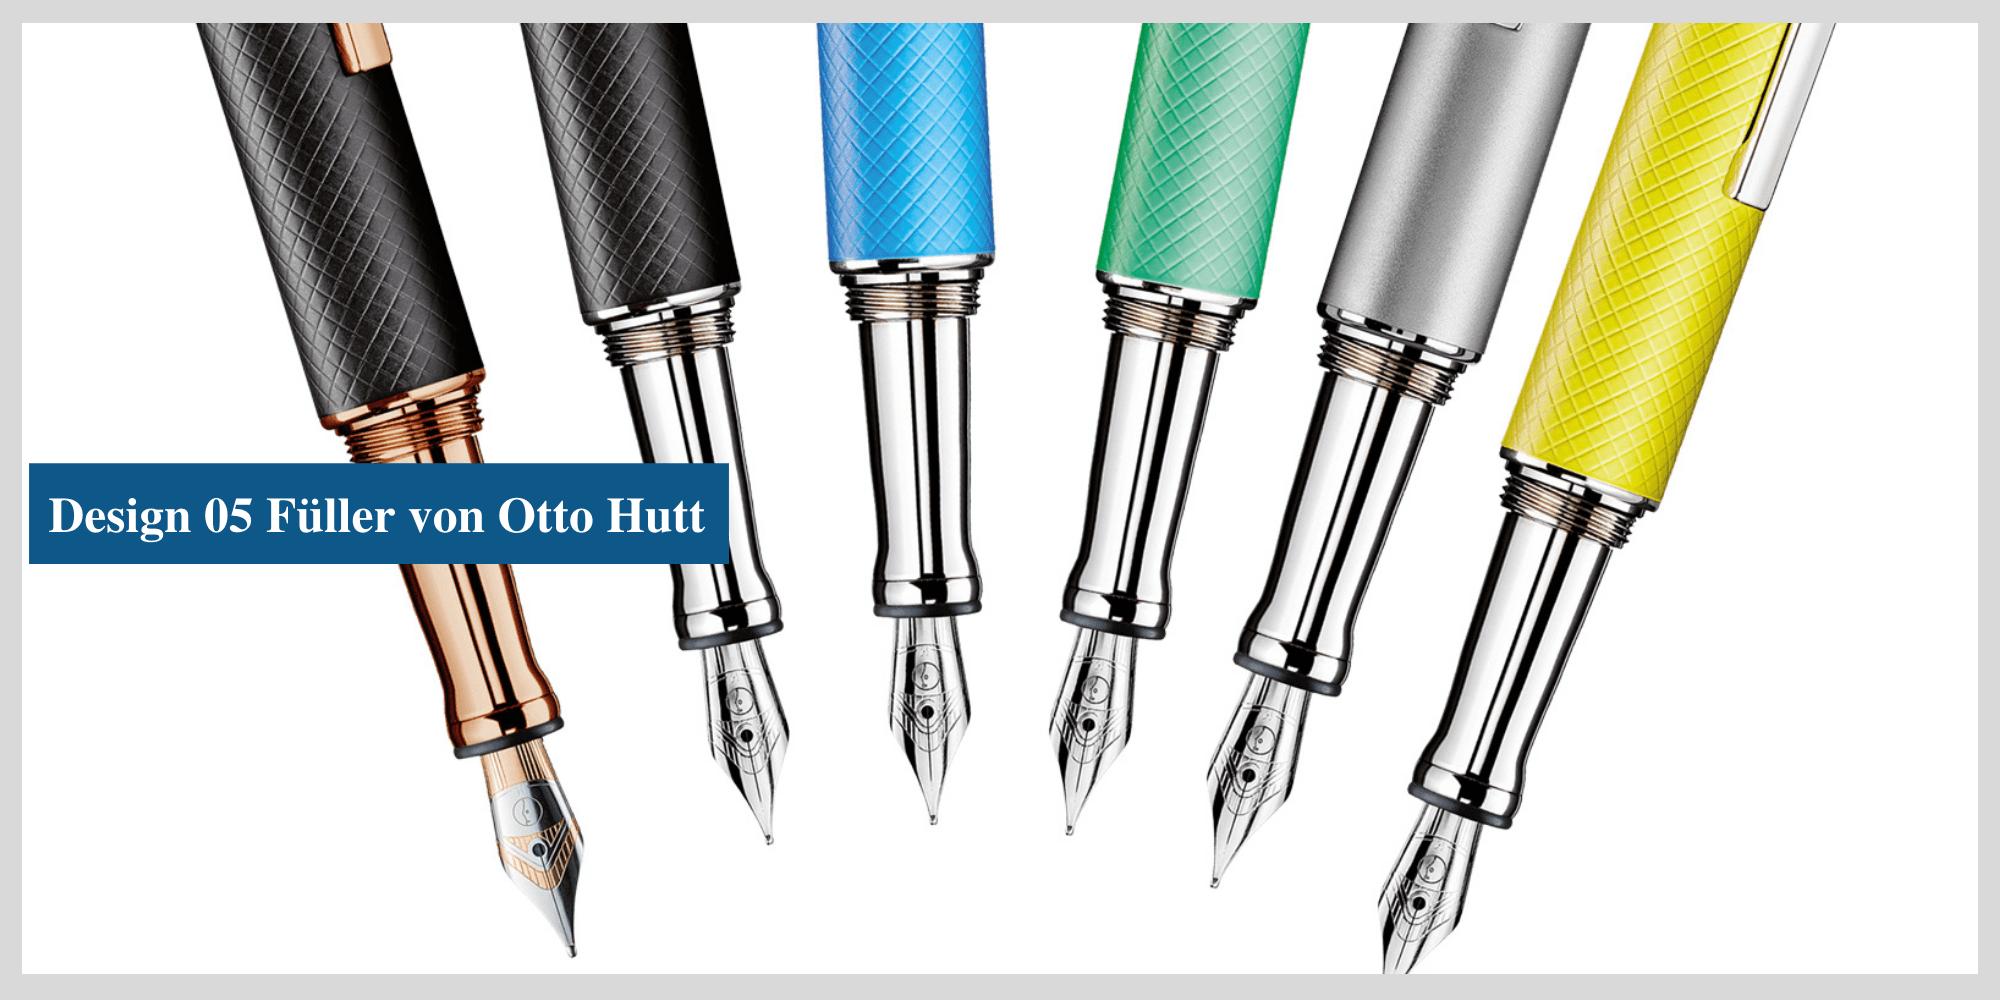 Der Design-05-Füller von Otto Hutt - jetzt auch bei MiaSkribo in Köln erhältlich.